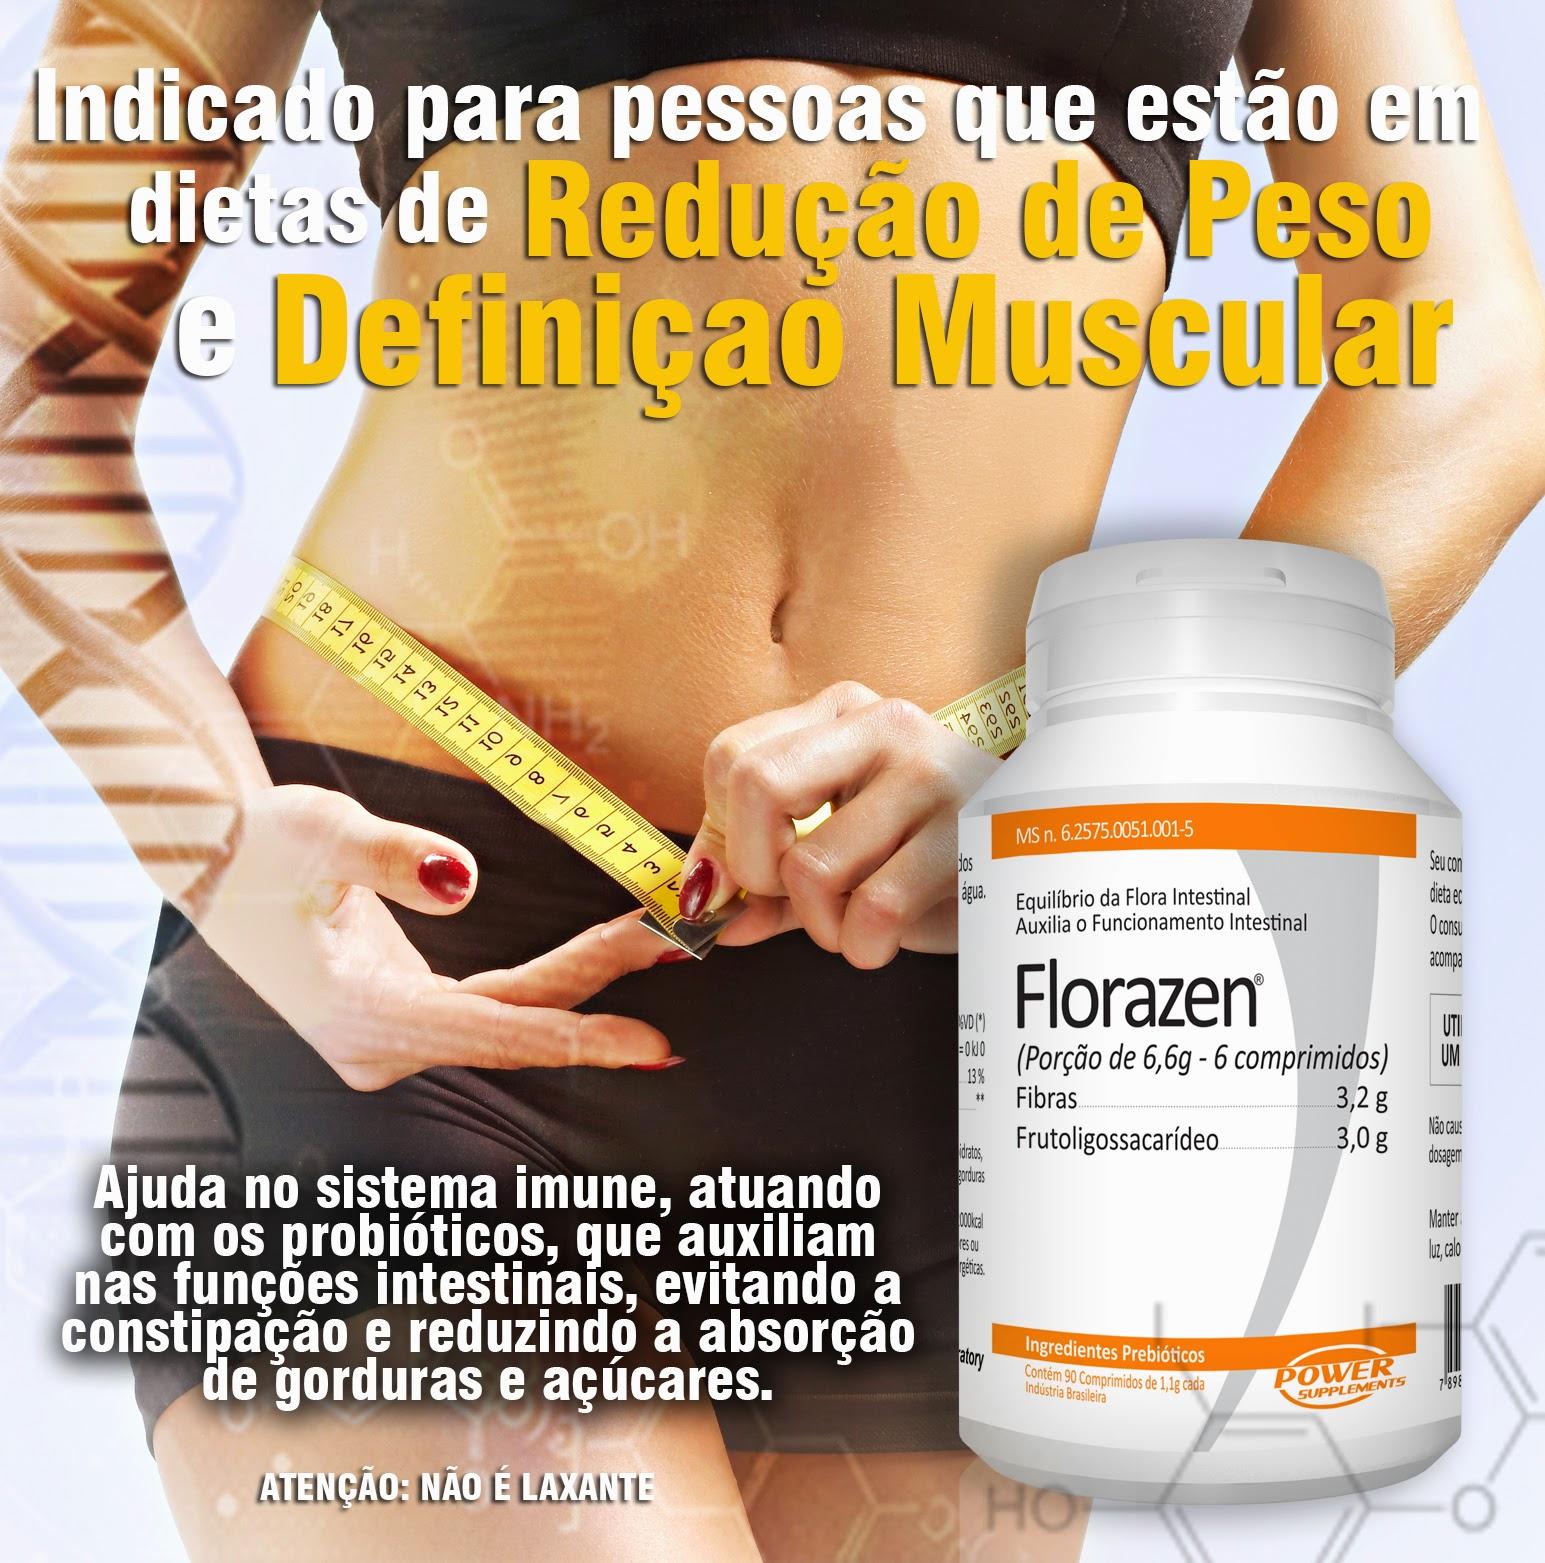 Florazen - Power Supplements